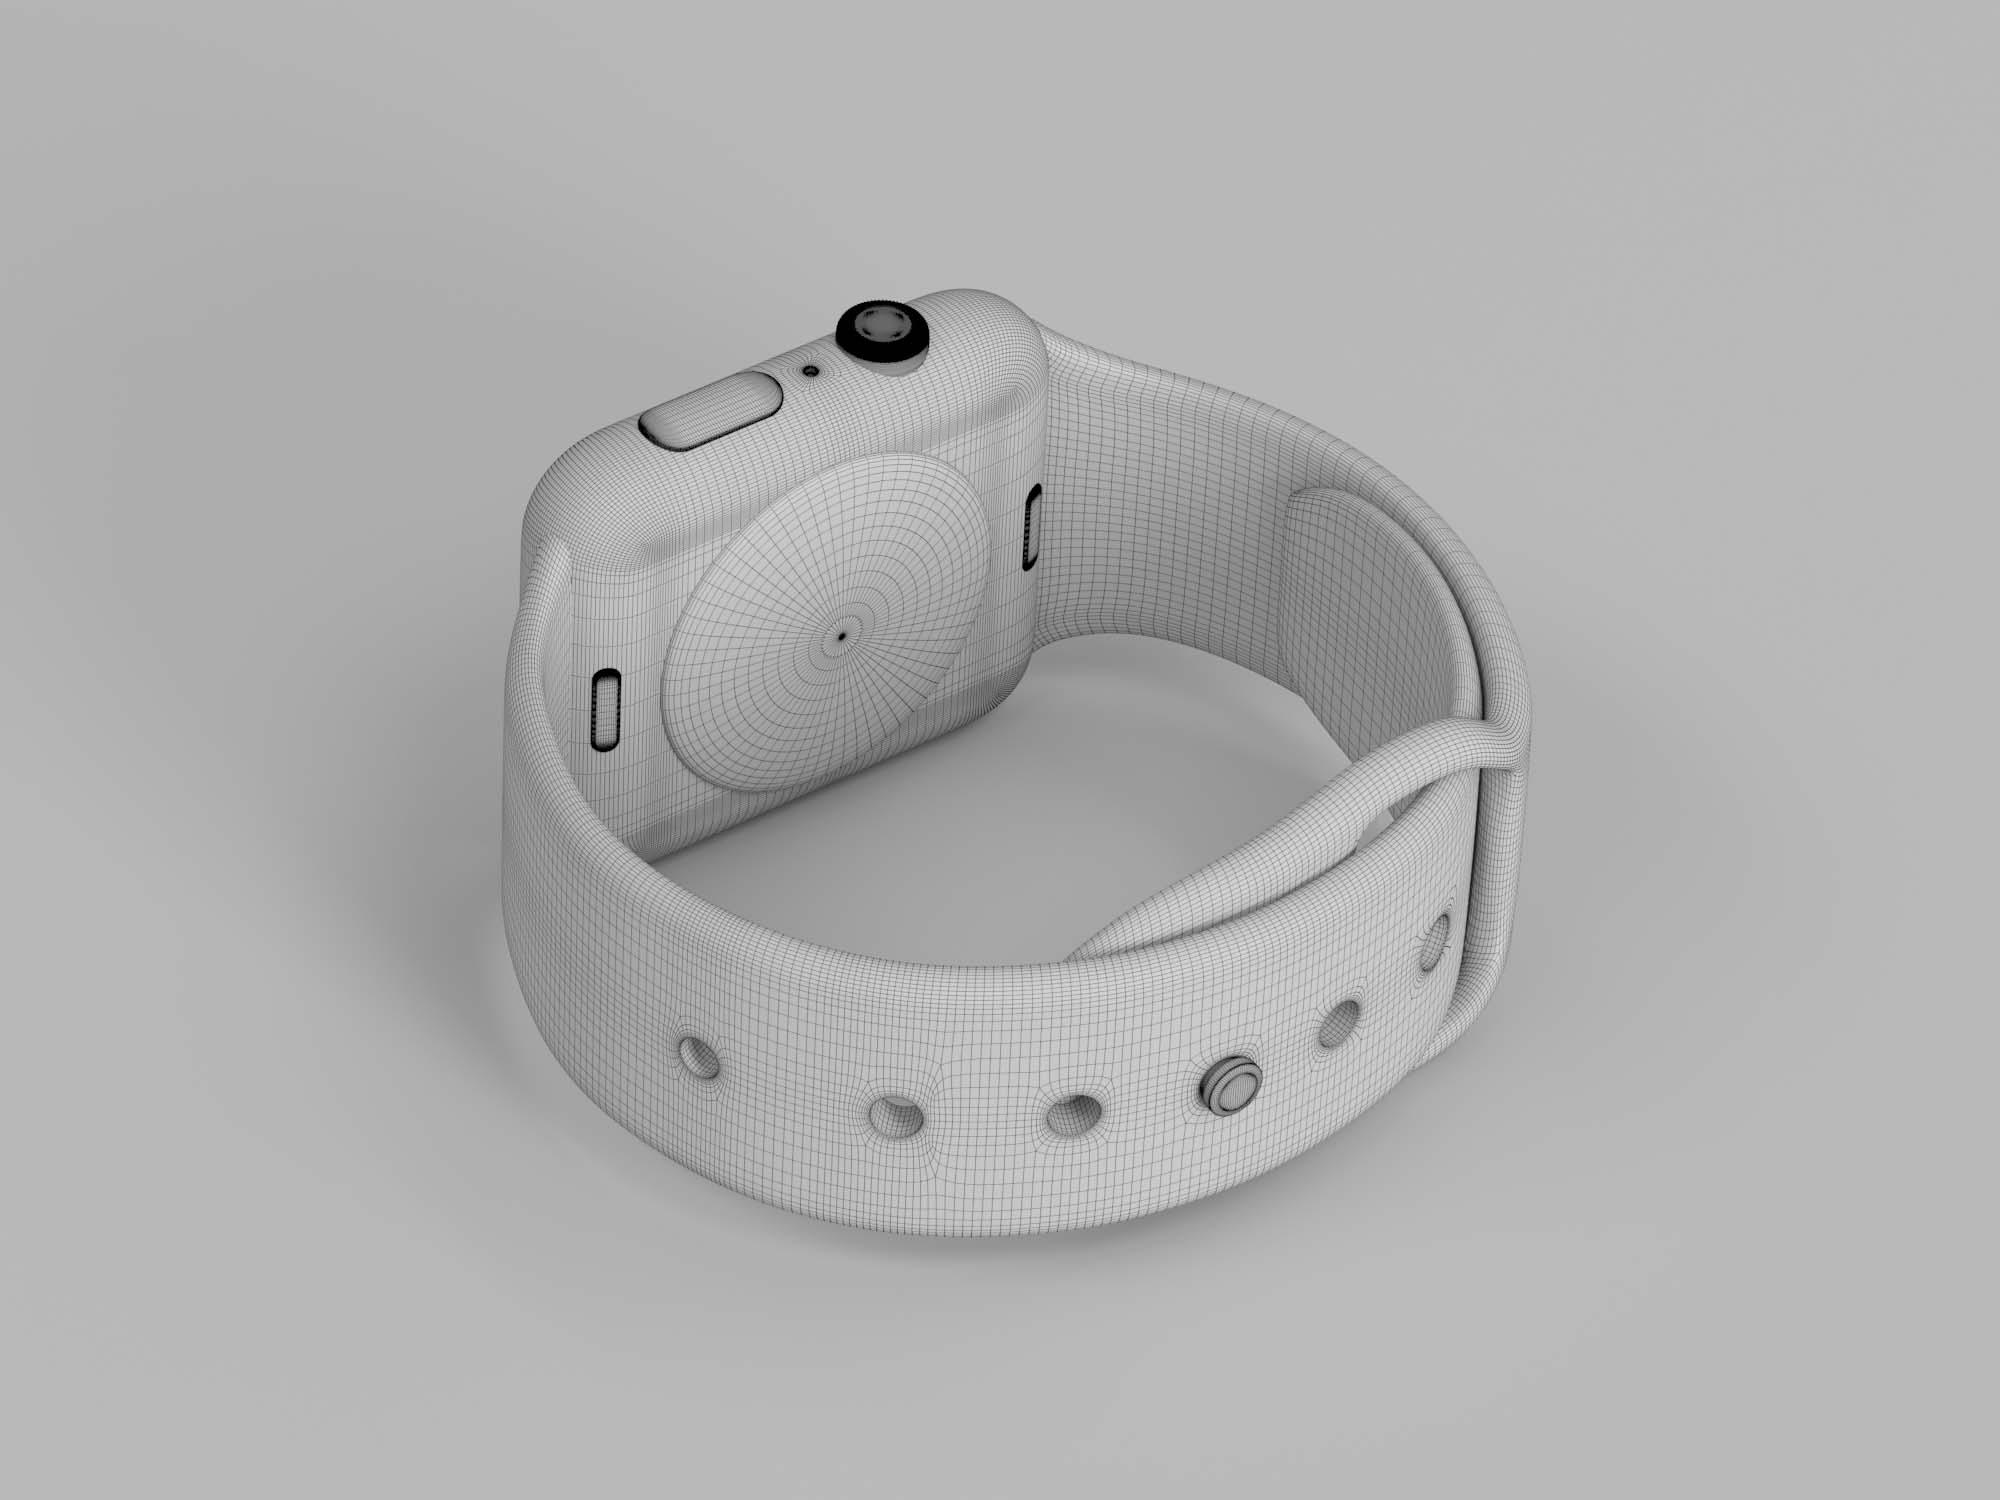 Apple Watch Series 5 3D Model 3